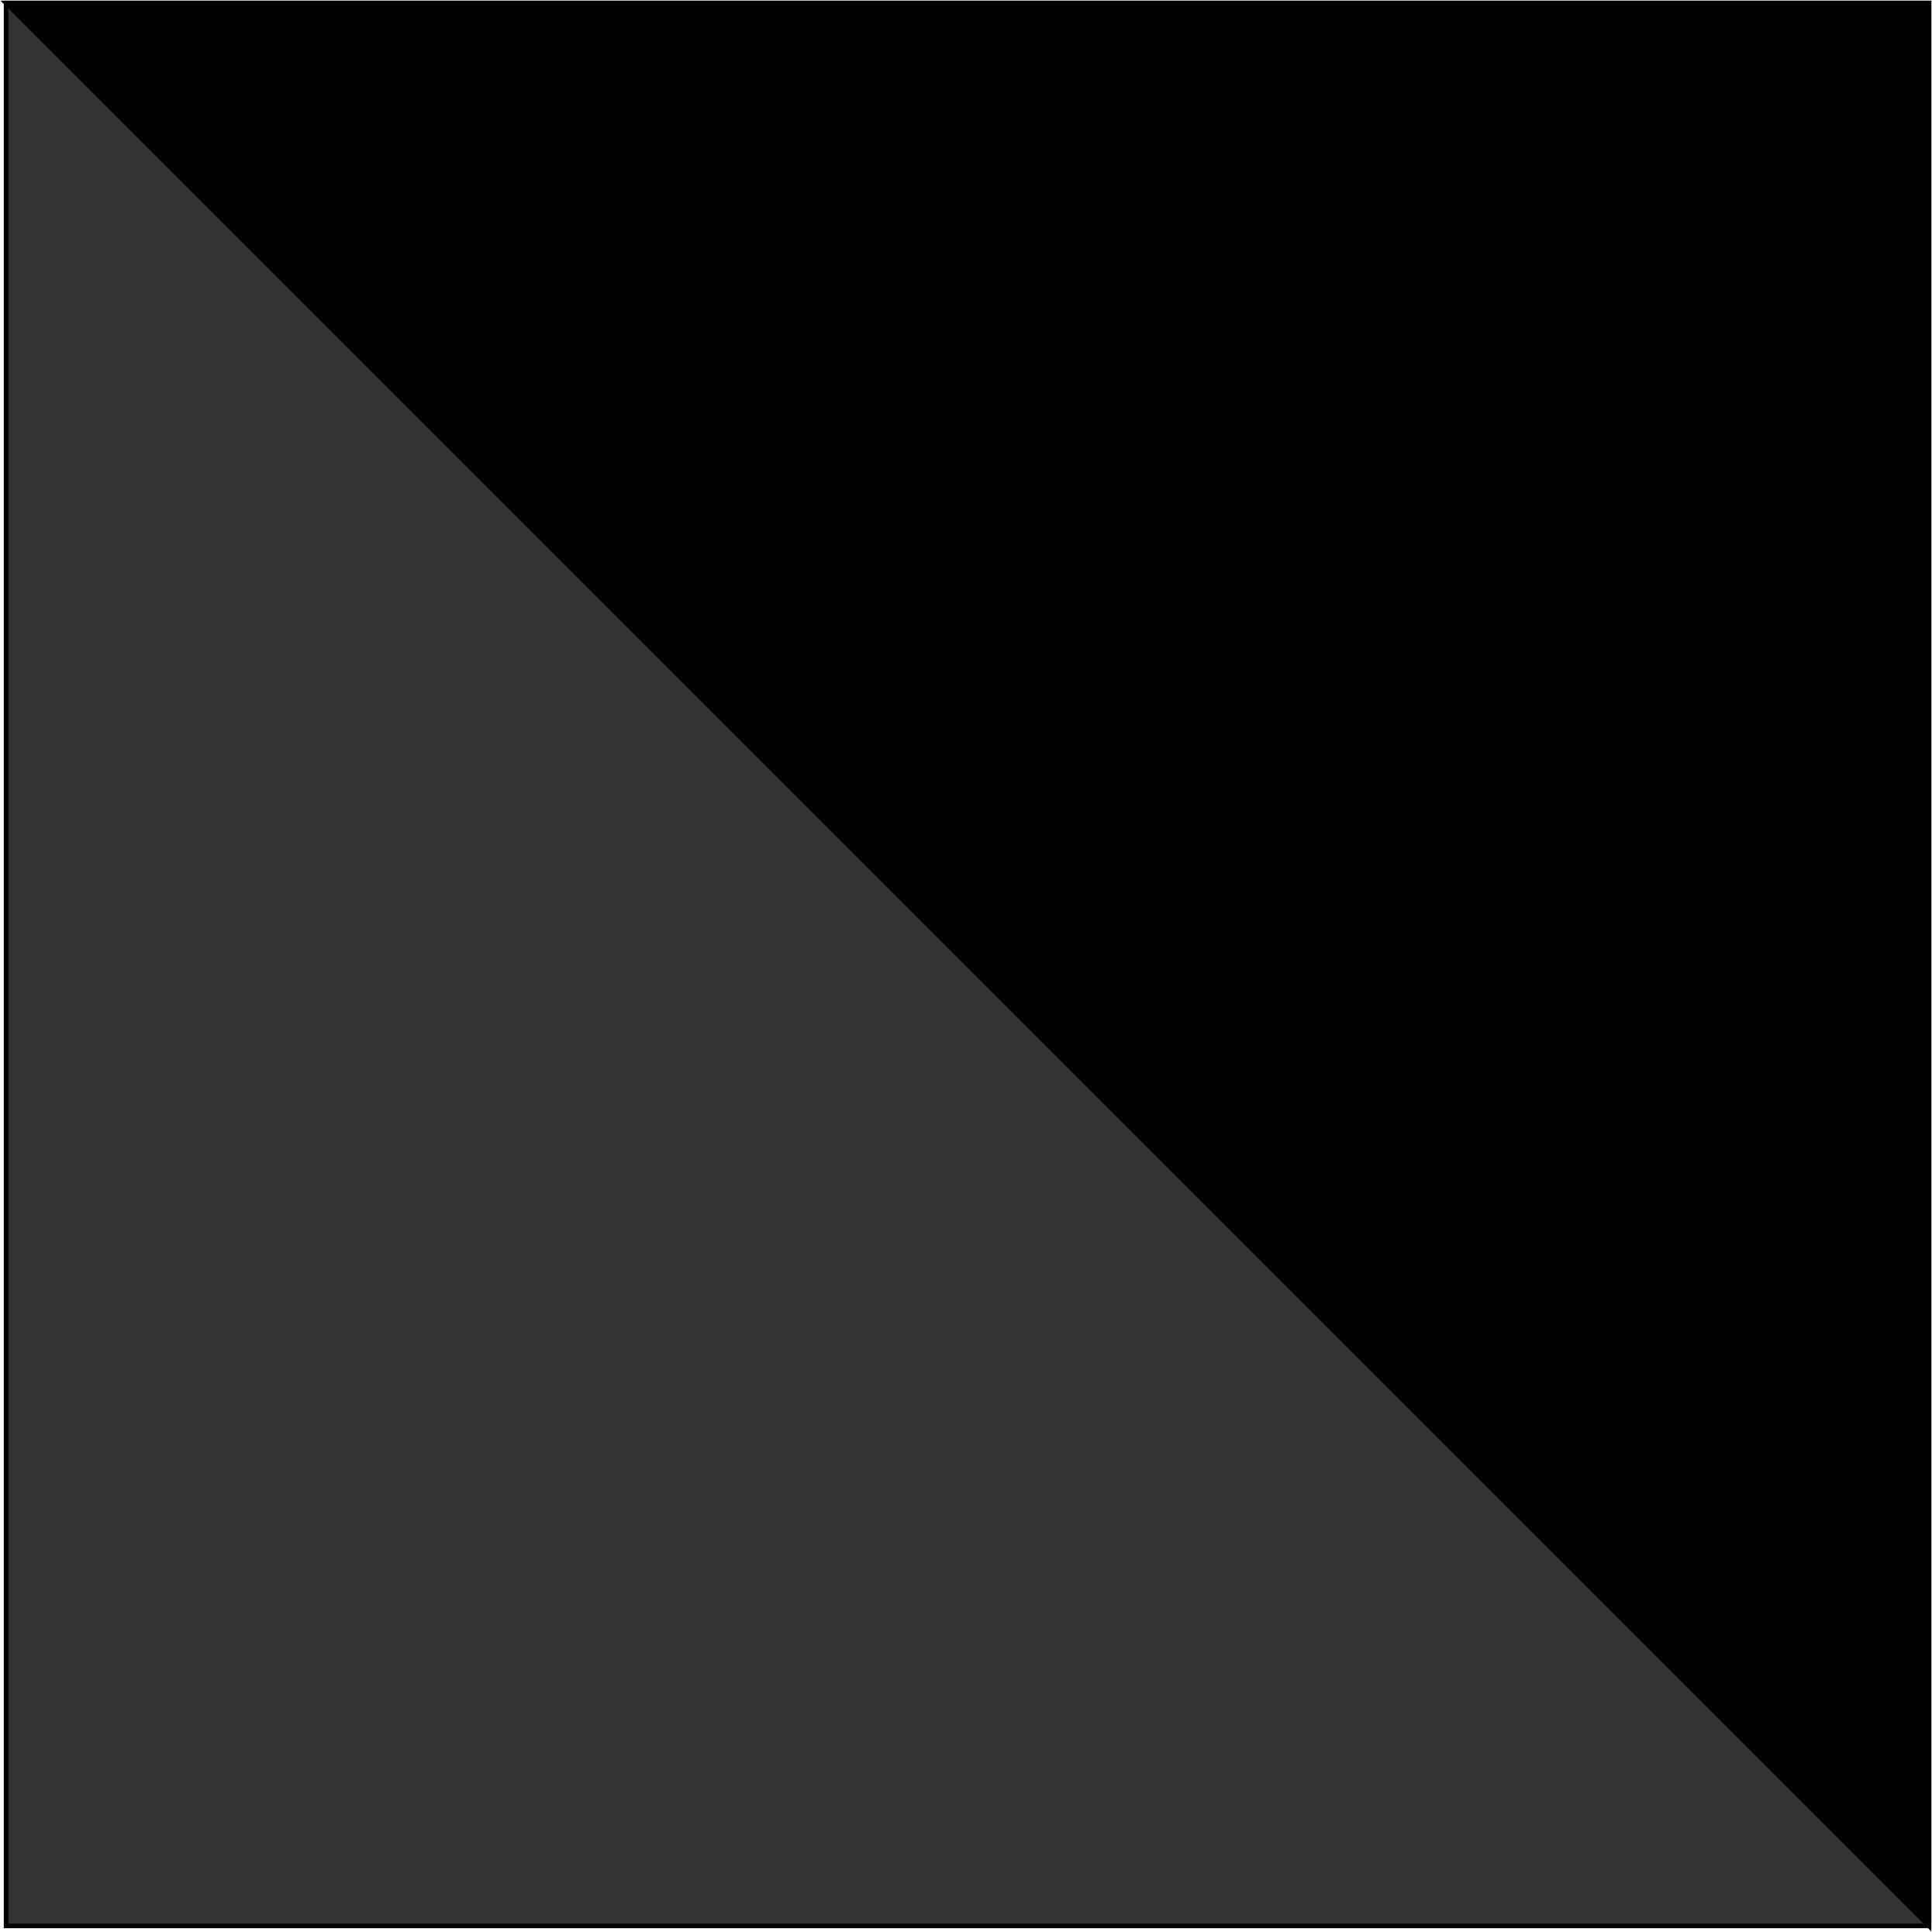 łupkowy/czarny